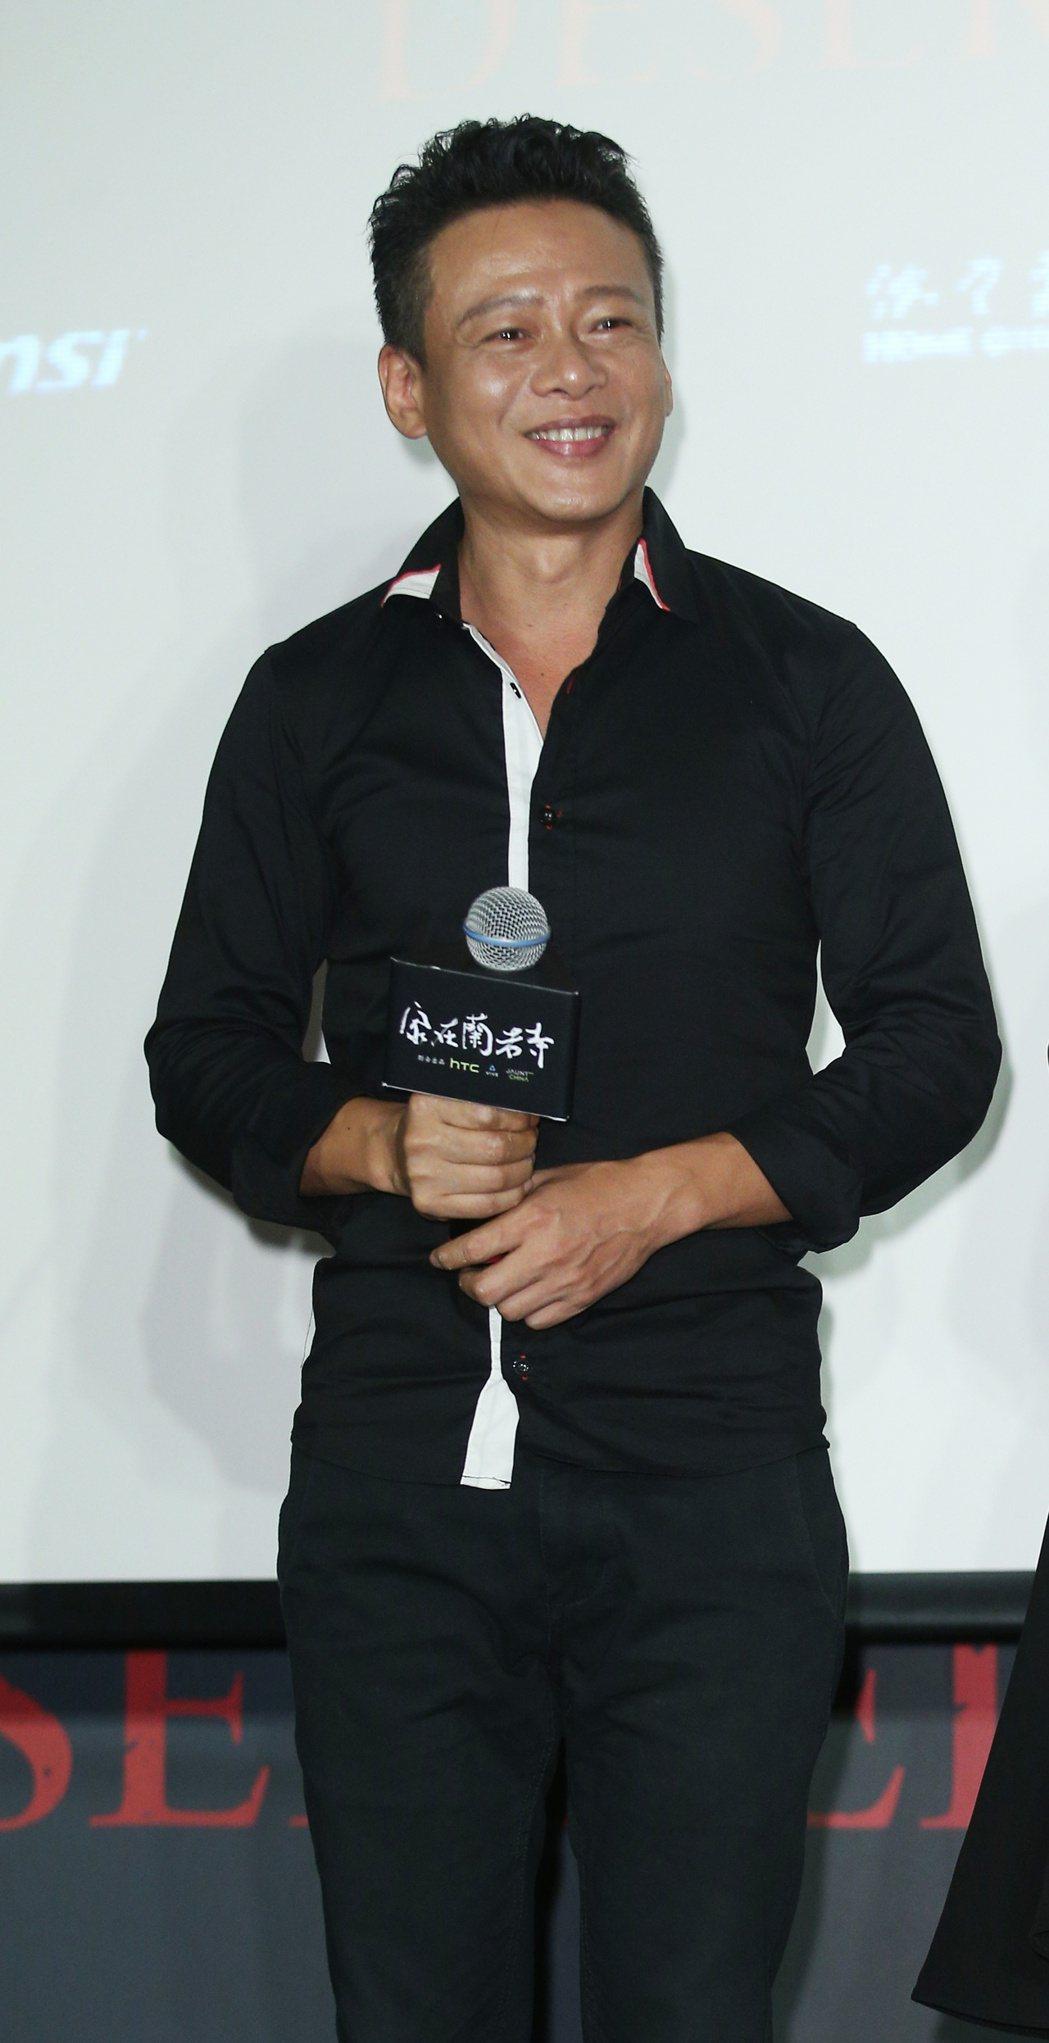 蔡明亮新作「家在蘭若寺」前進威尼斯記者會舉行,主要演員李康生。記者陳正興/攝影